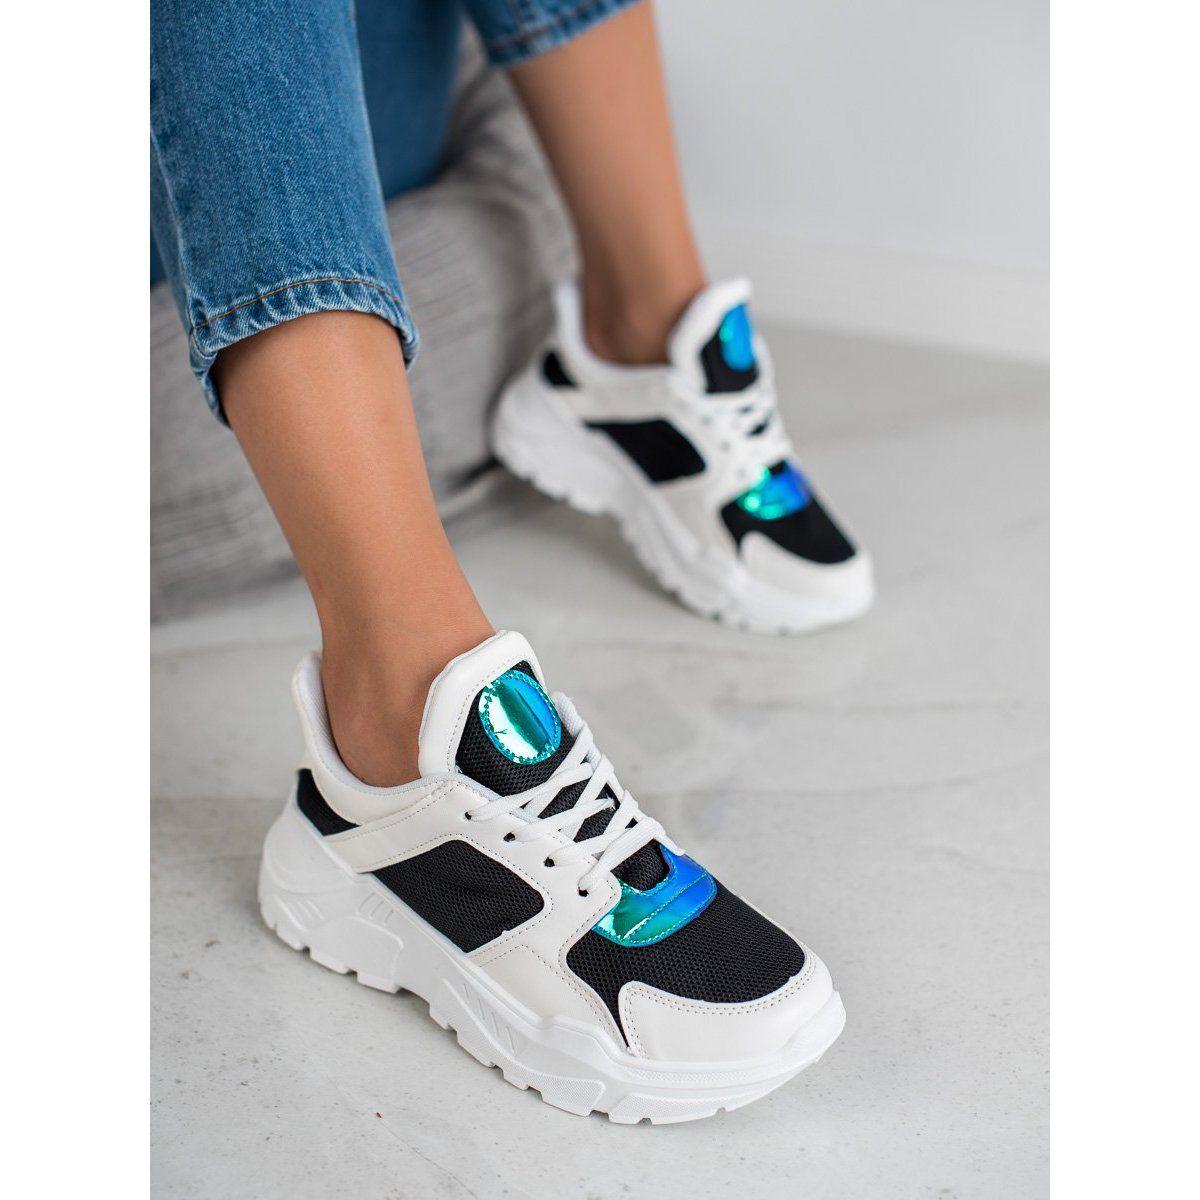 Guapissima Modne Sneakersy Biale Wielokolorowe Air Max Sneakers Sneakers Nike Nike Air Max